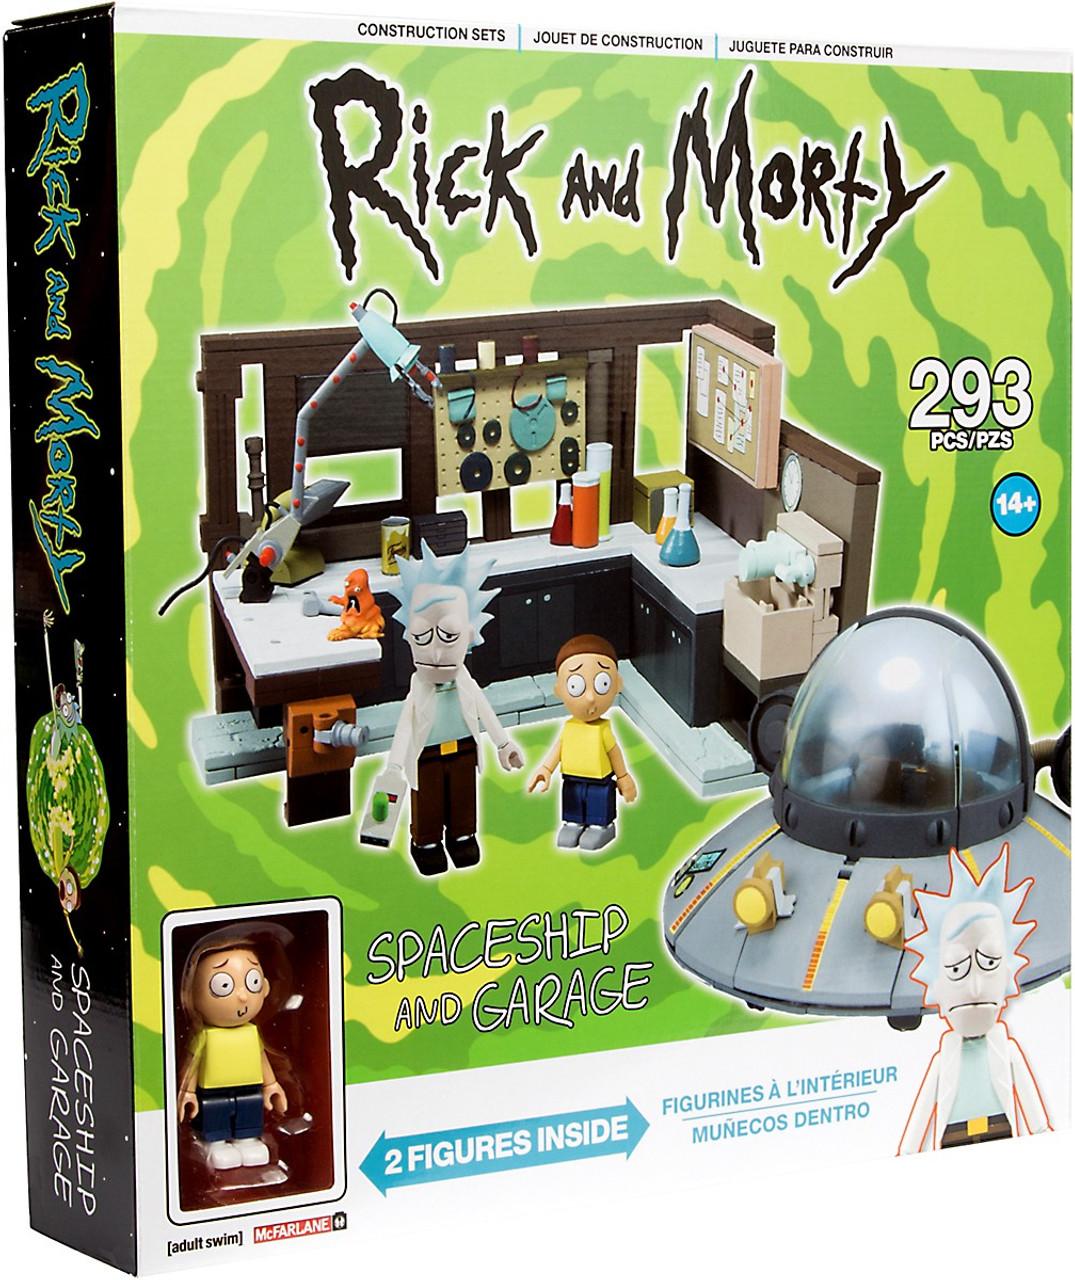 Mcfarlane Toys Rick Morty Spaceship Garage Large